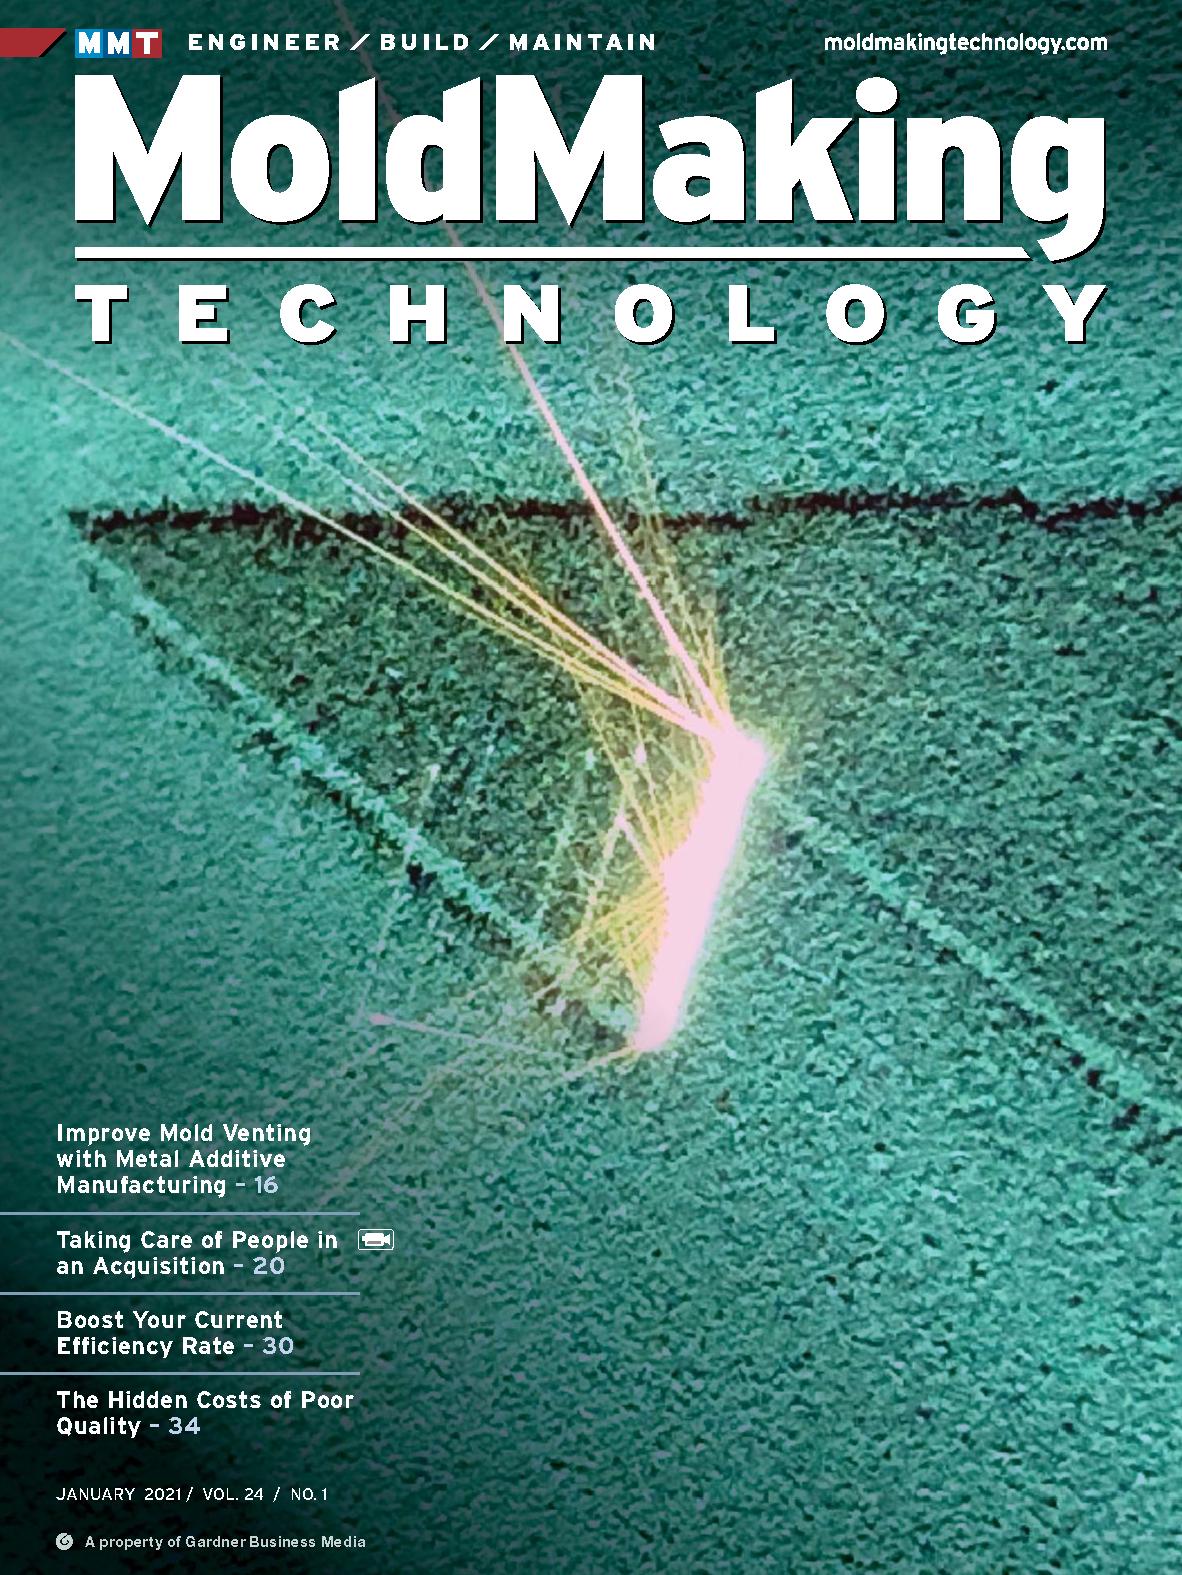 MoldMaking Technology Jan 2021 Q&A_Page_1